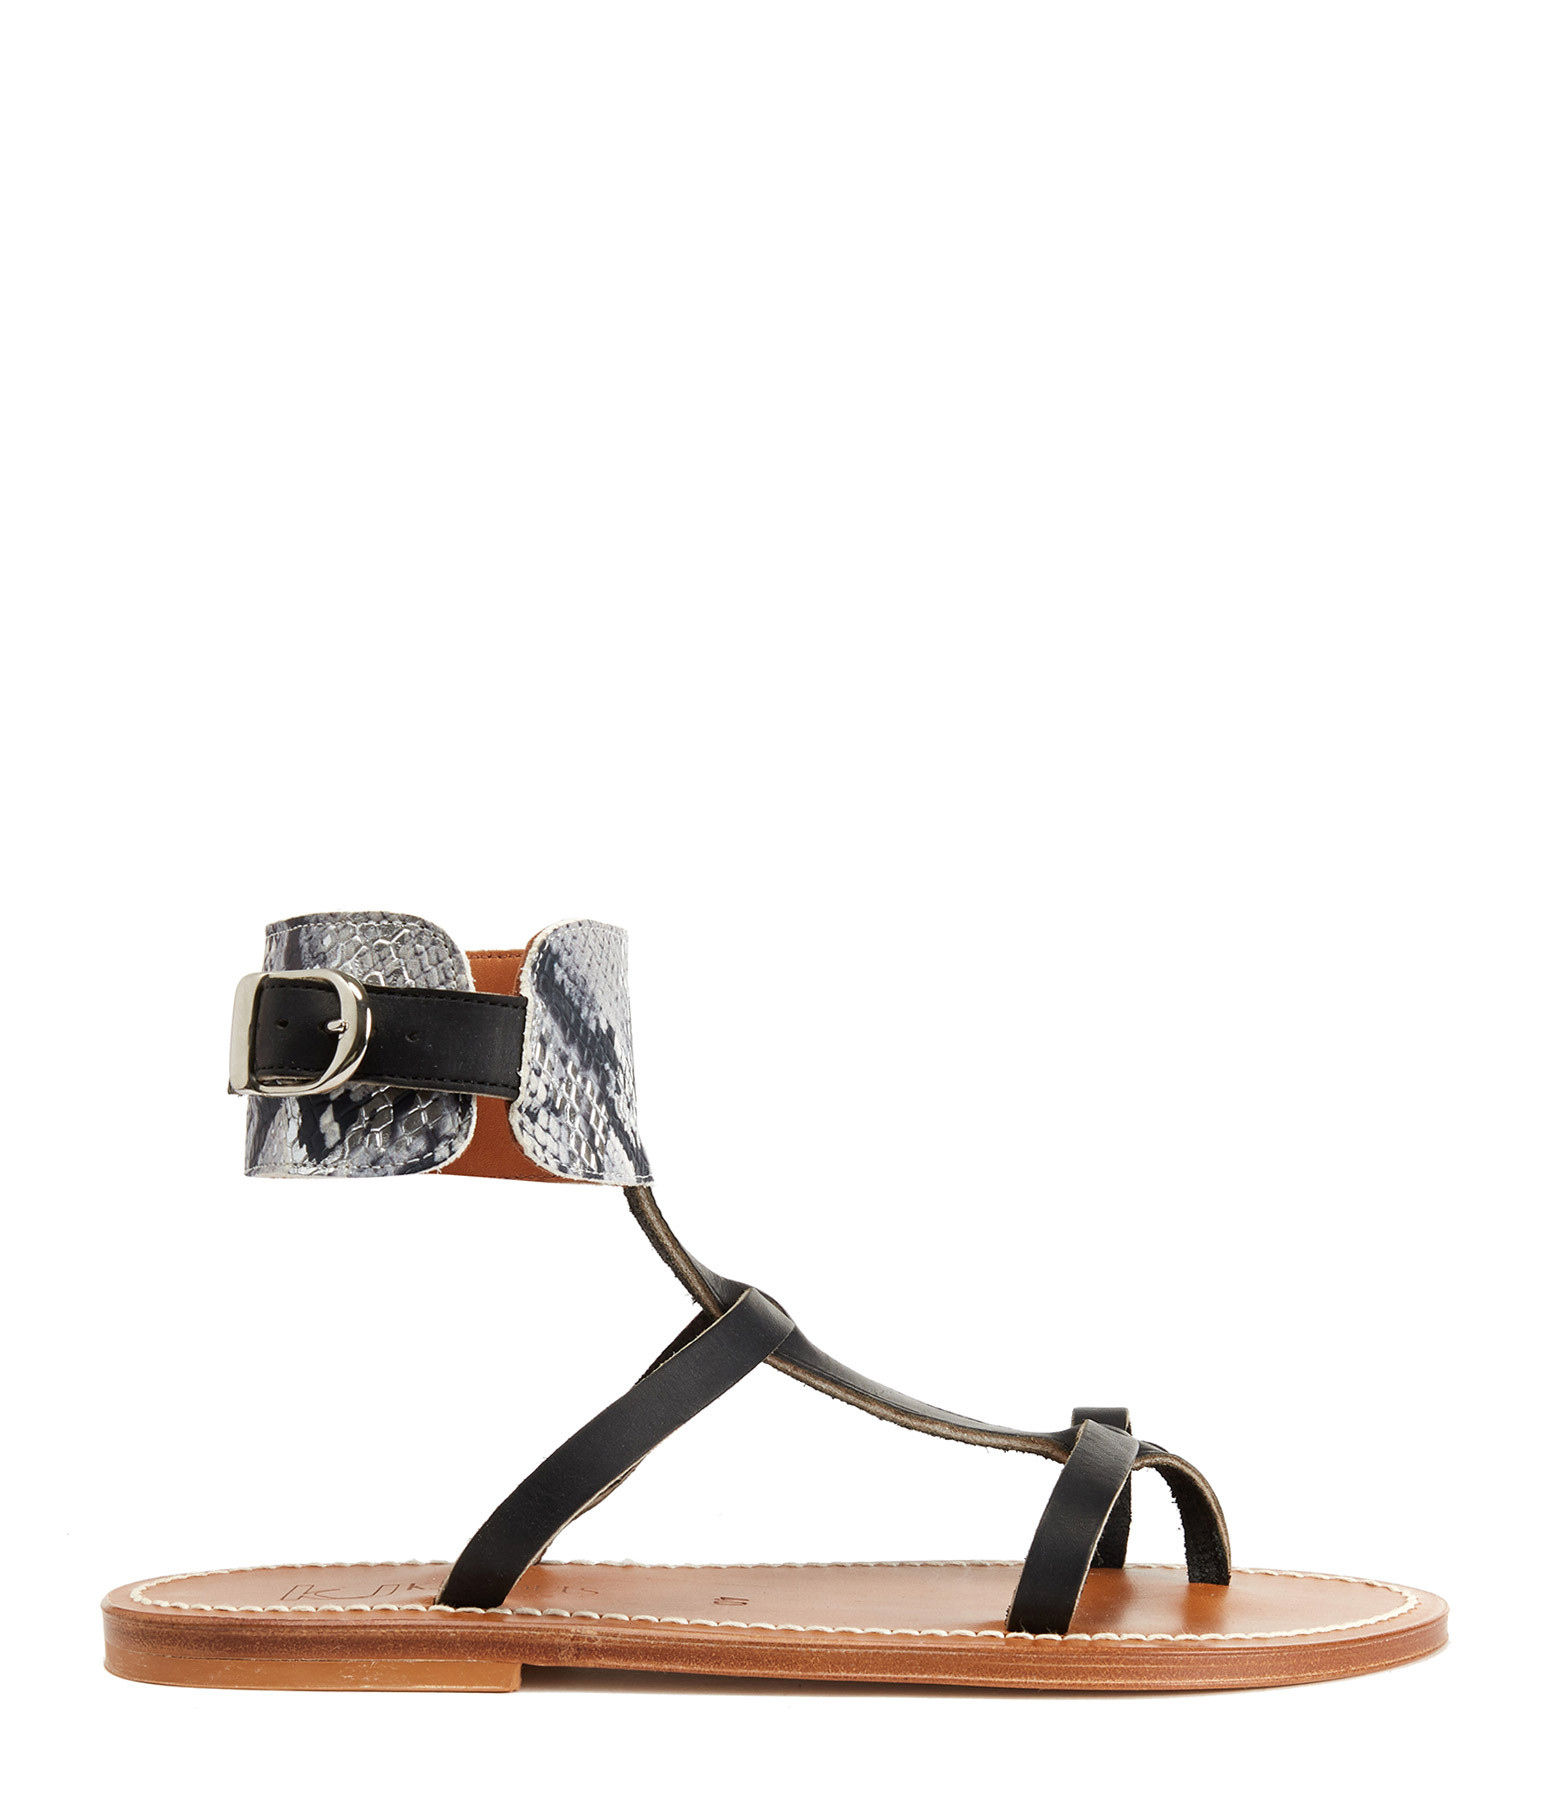 K.JACQUES - Sandales Caravelle Cuir Pul Noir Hawai Blanc